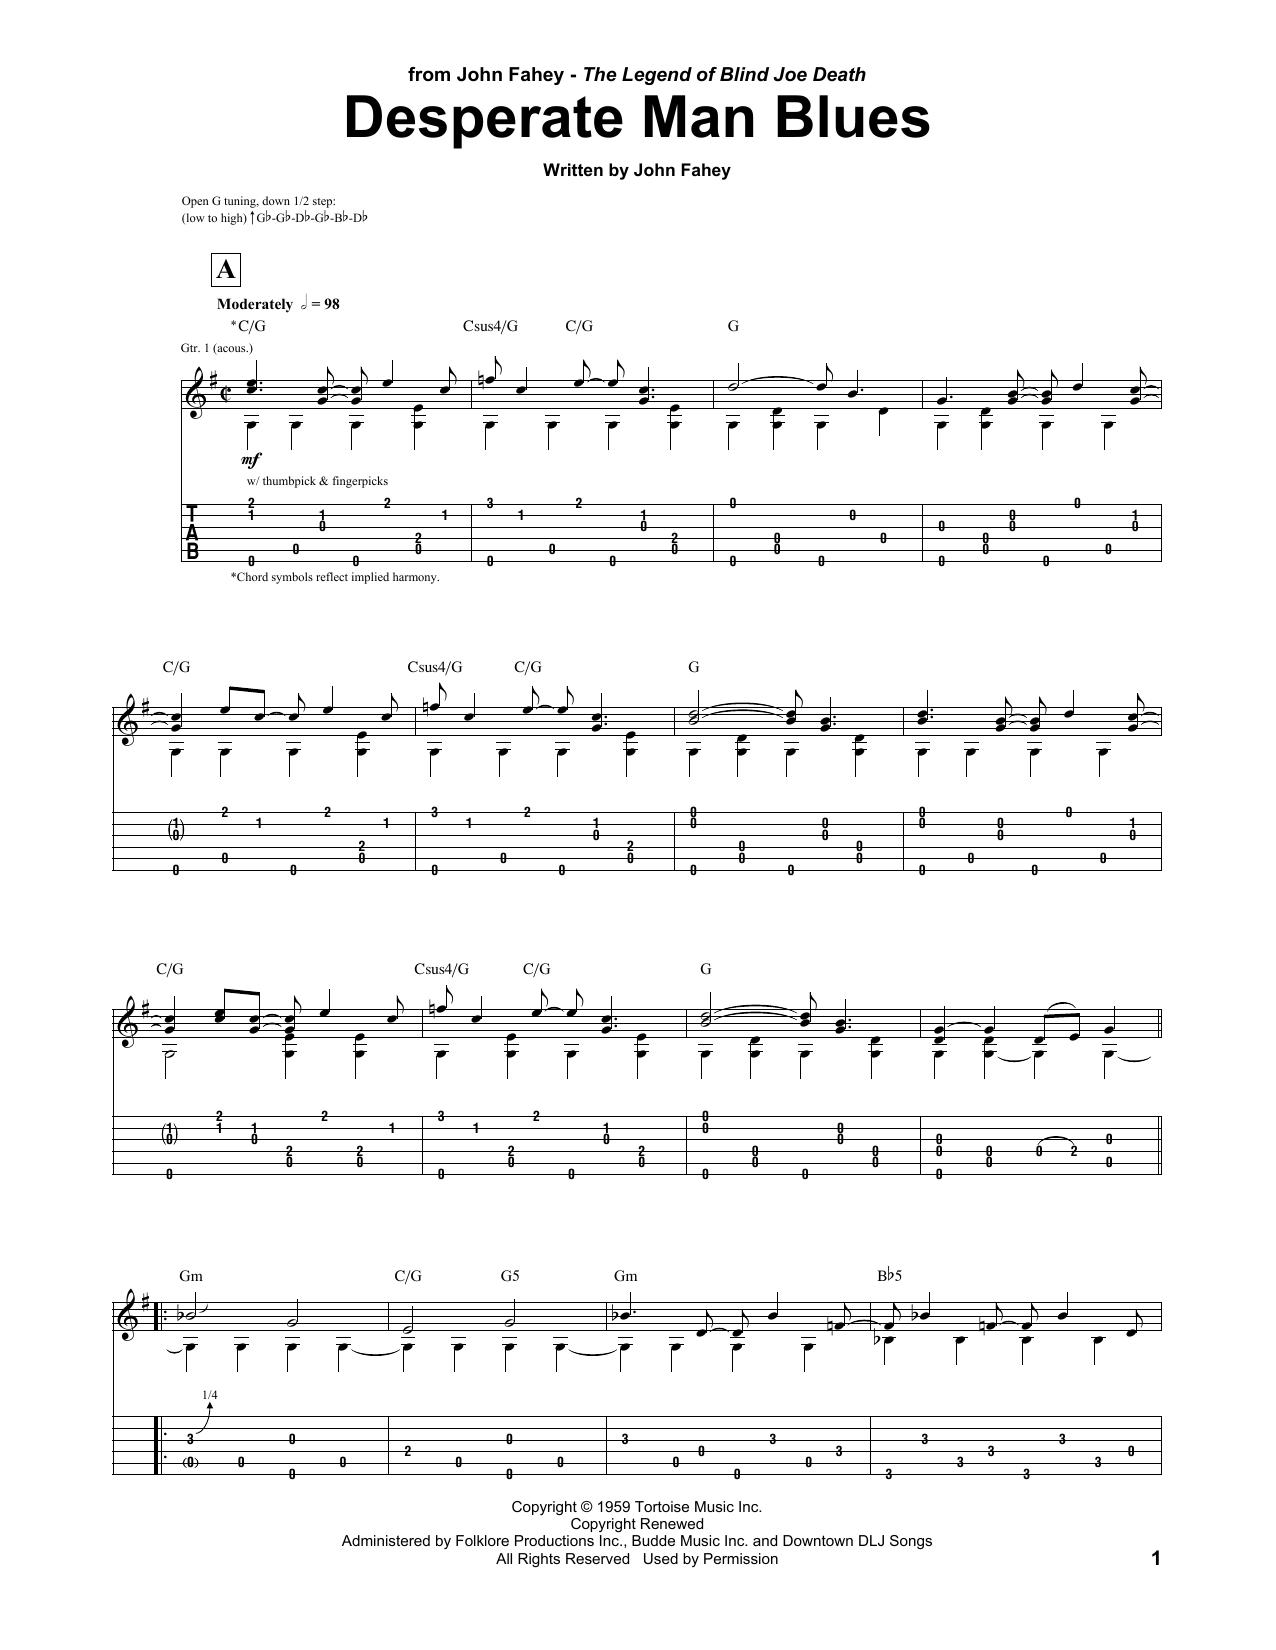 Desperate Man Blues (Guitar Tab) - Print Sheet Music Now